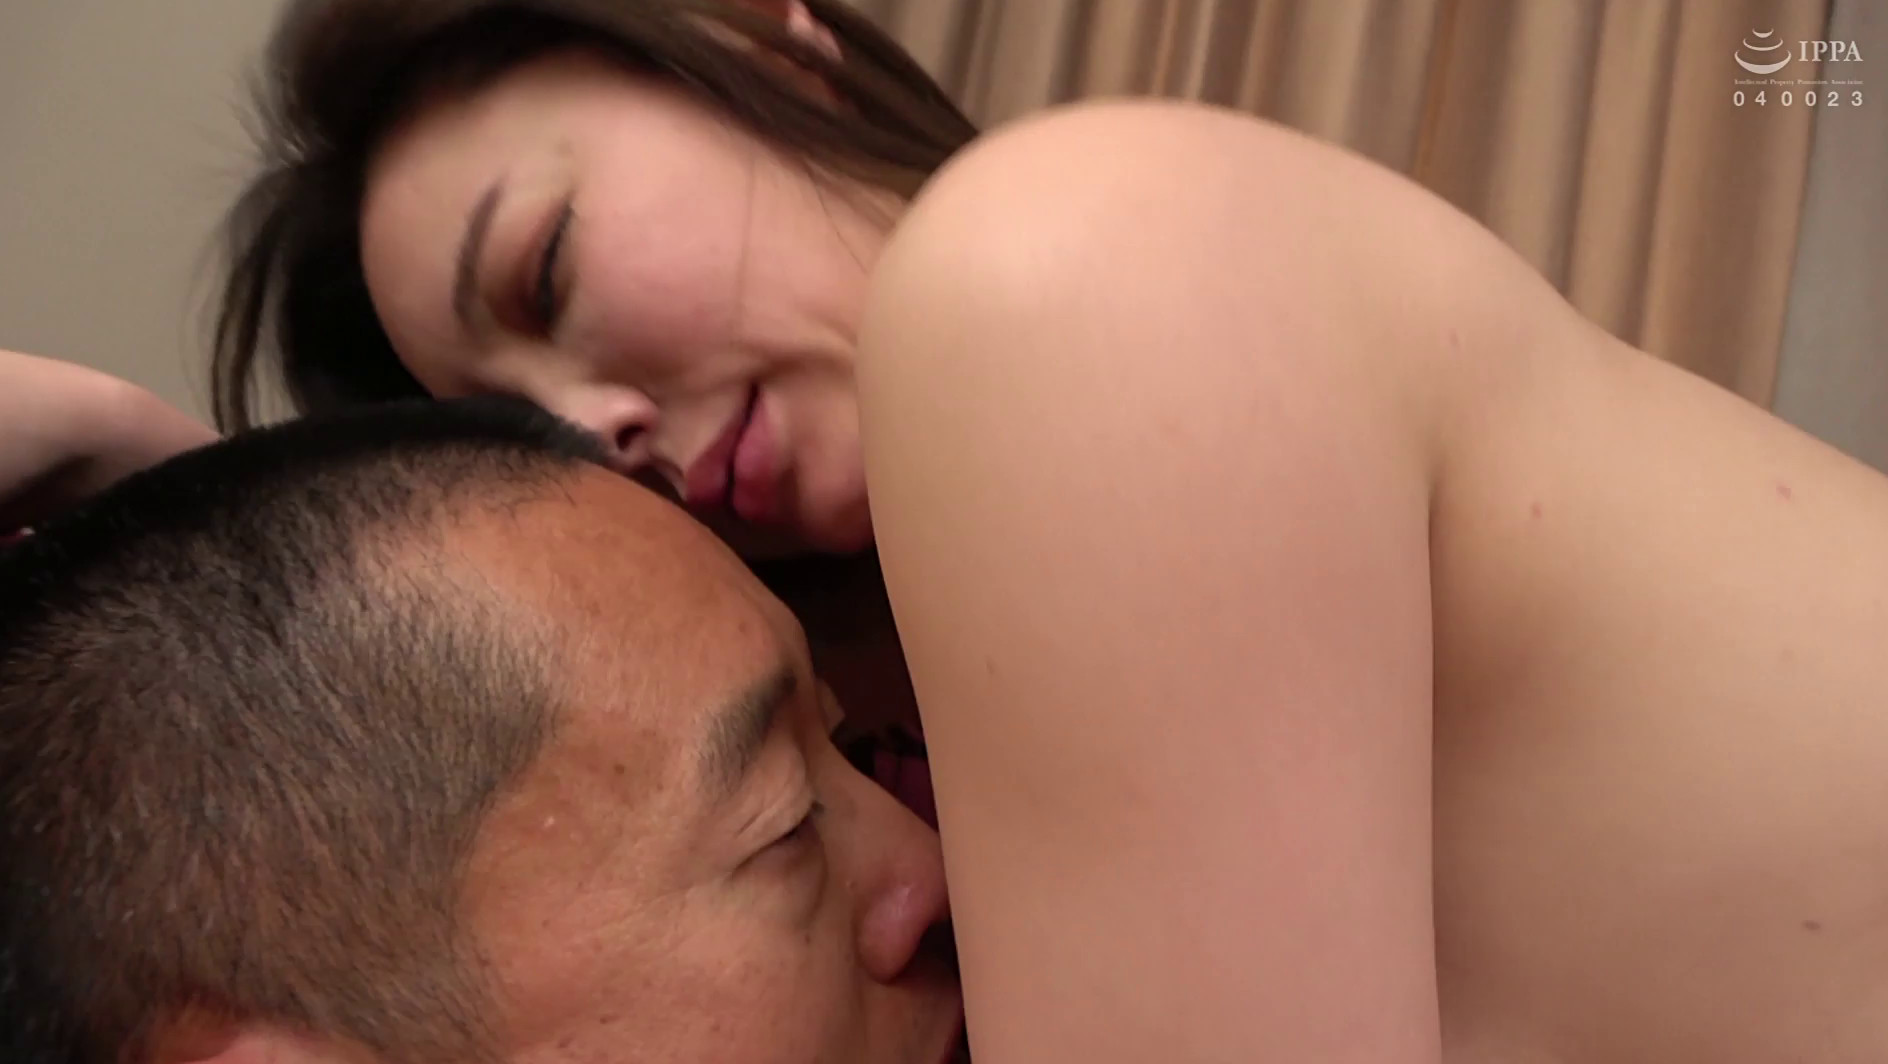 国際セックスへの執念!奇跡的にSNSで知り合った神話級韓流娘と韓国で待ち合わせてオフパコ!韓国現地女子シアちゃん&ジンちゃんのセックスがスゴい・・・ 画像6